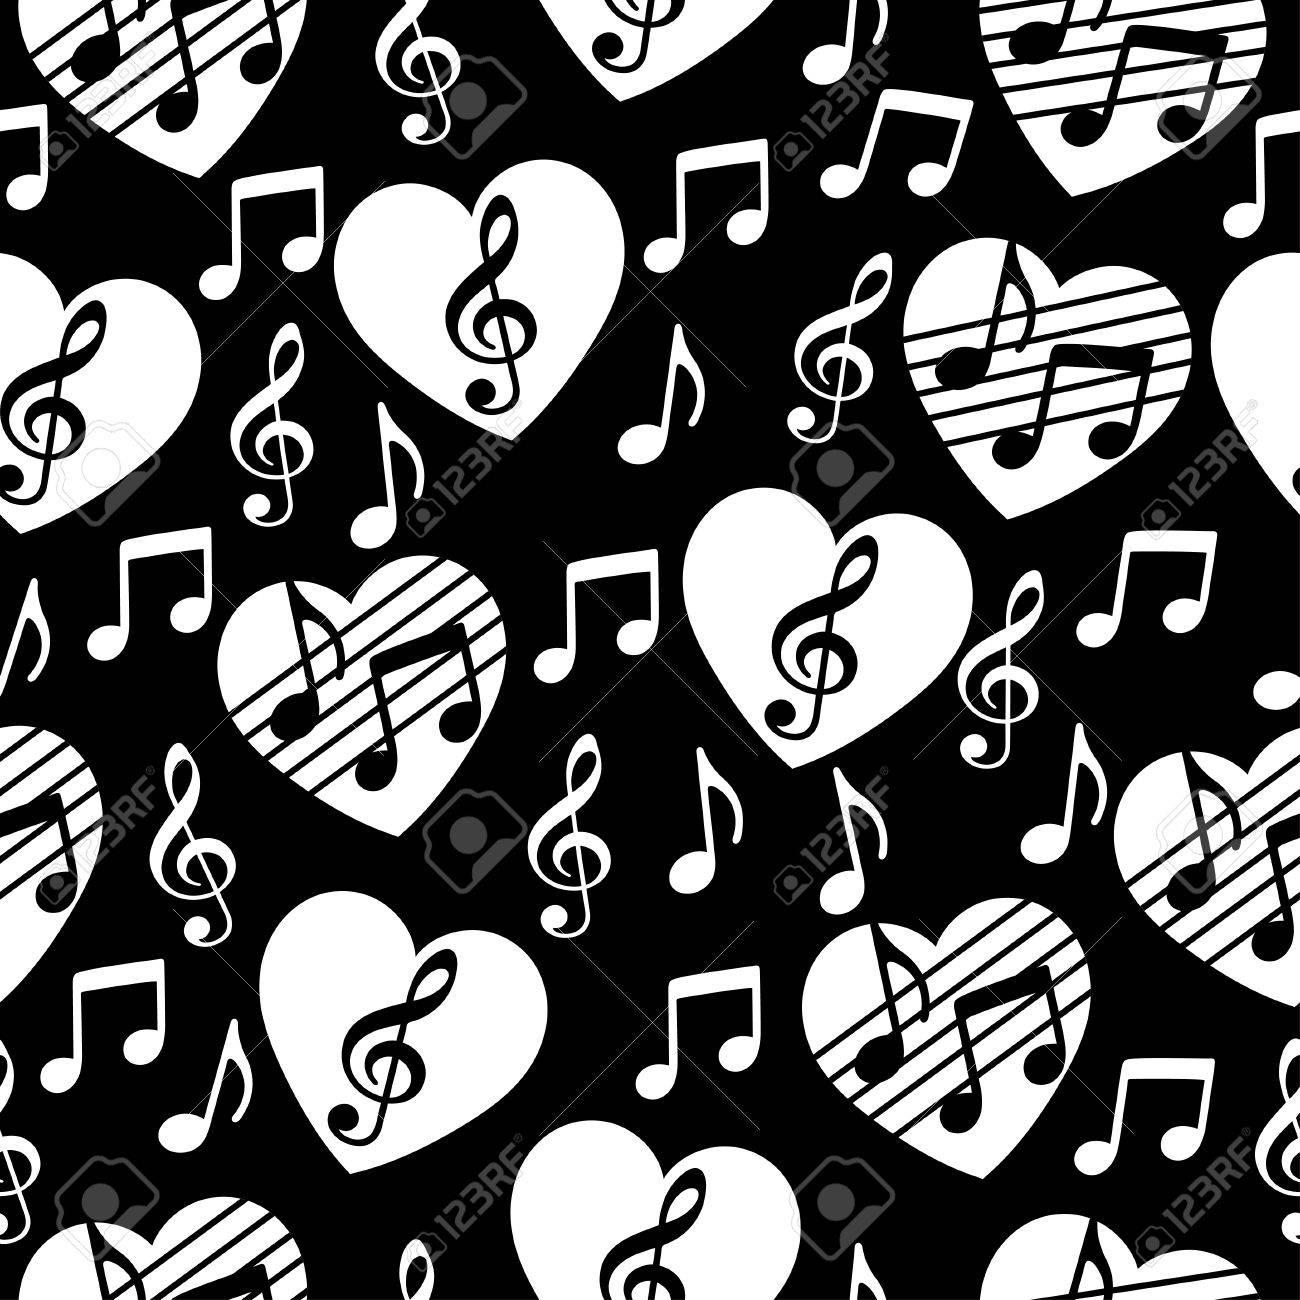 Vettoriale Amore Per La Musica Sfondo Vettoriale Musicale